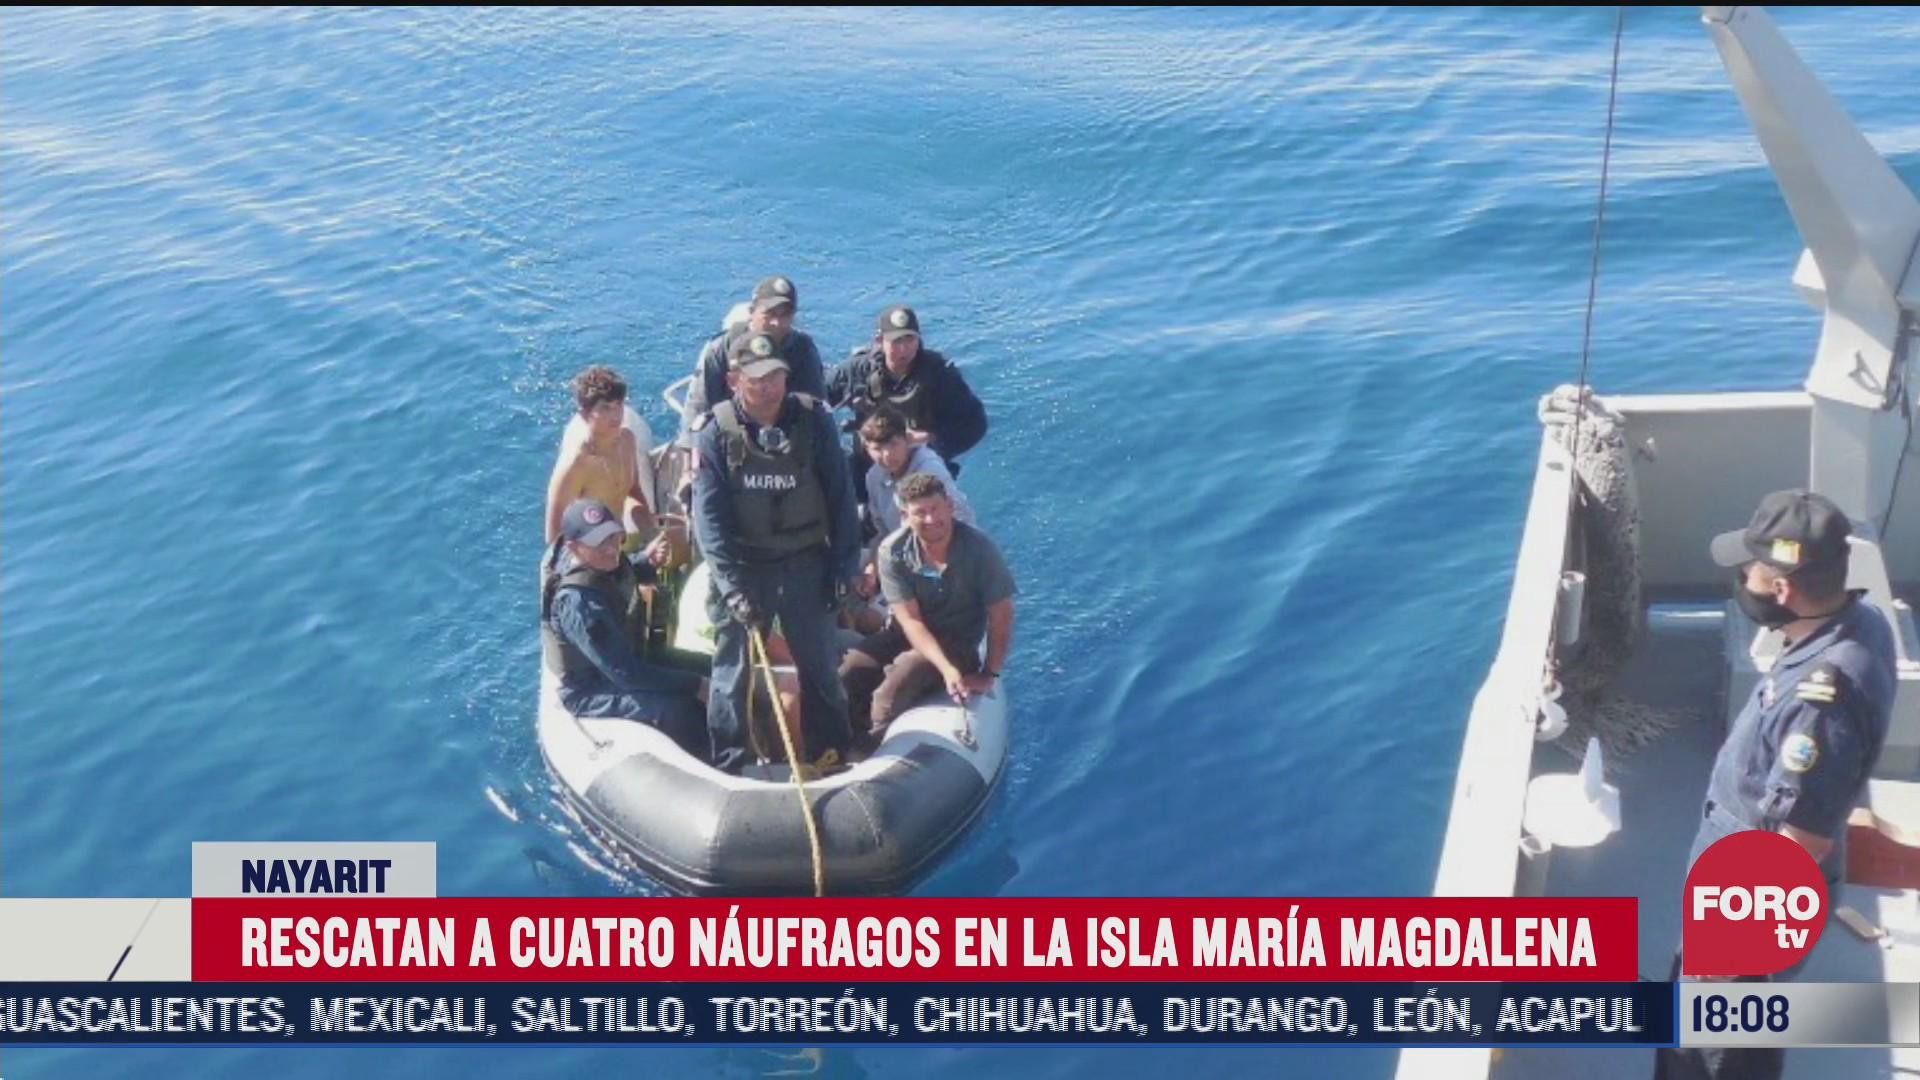 rescatan a 4 naufragos en la isla magdalena en nayarit